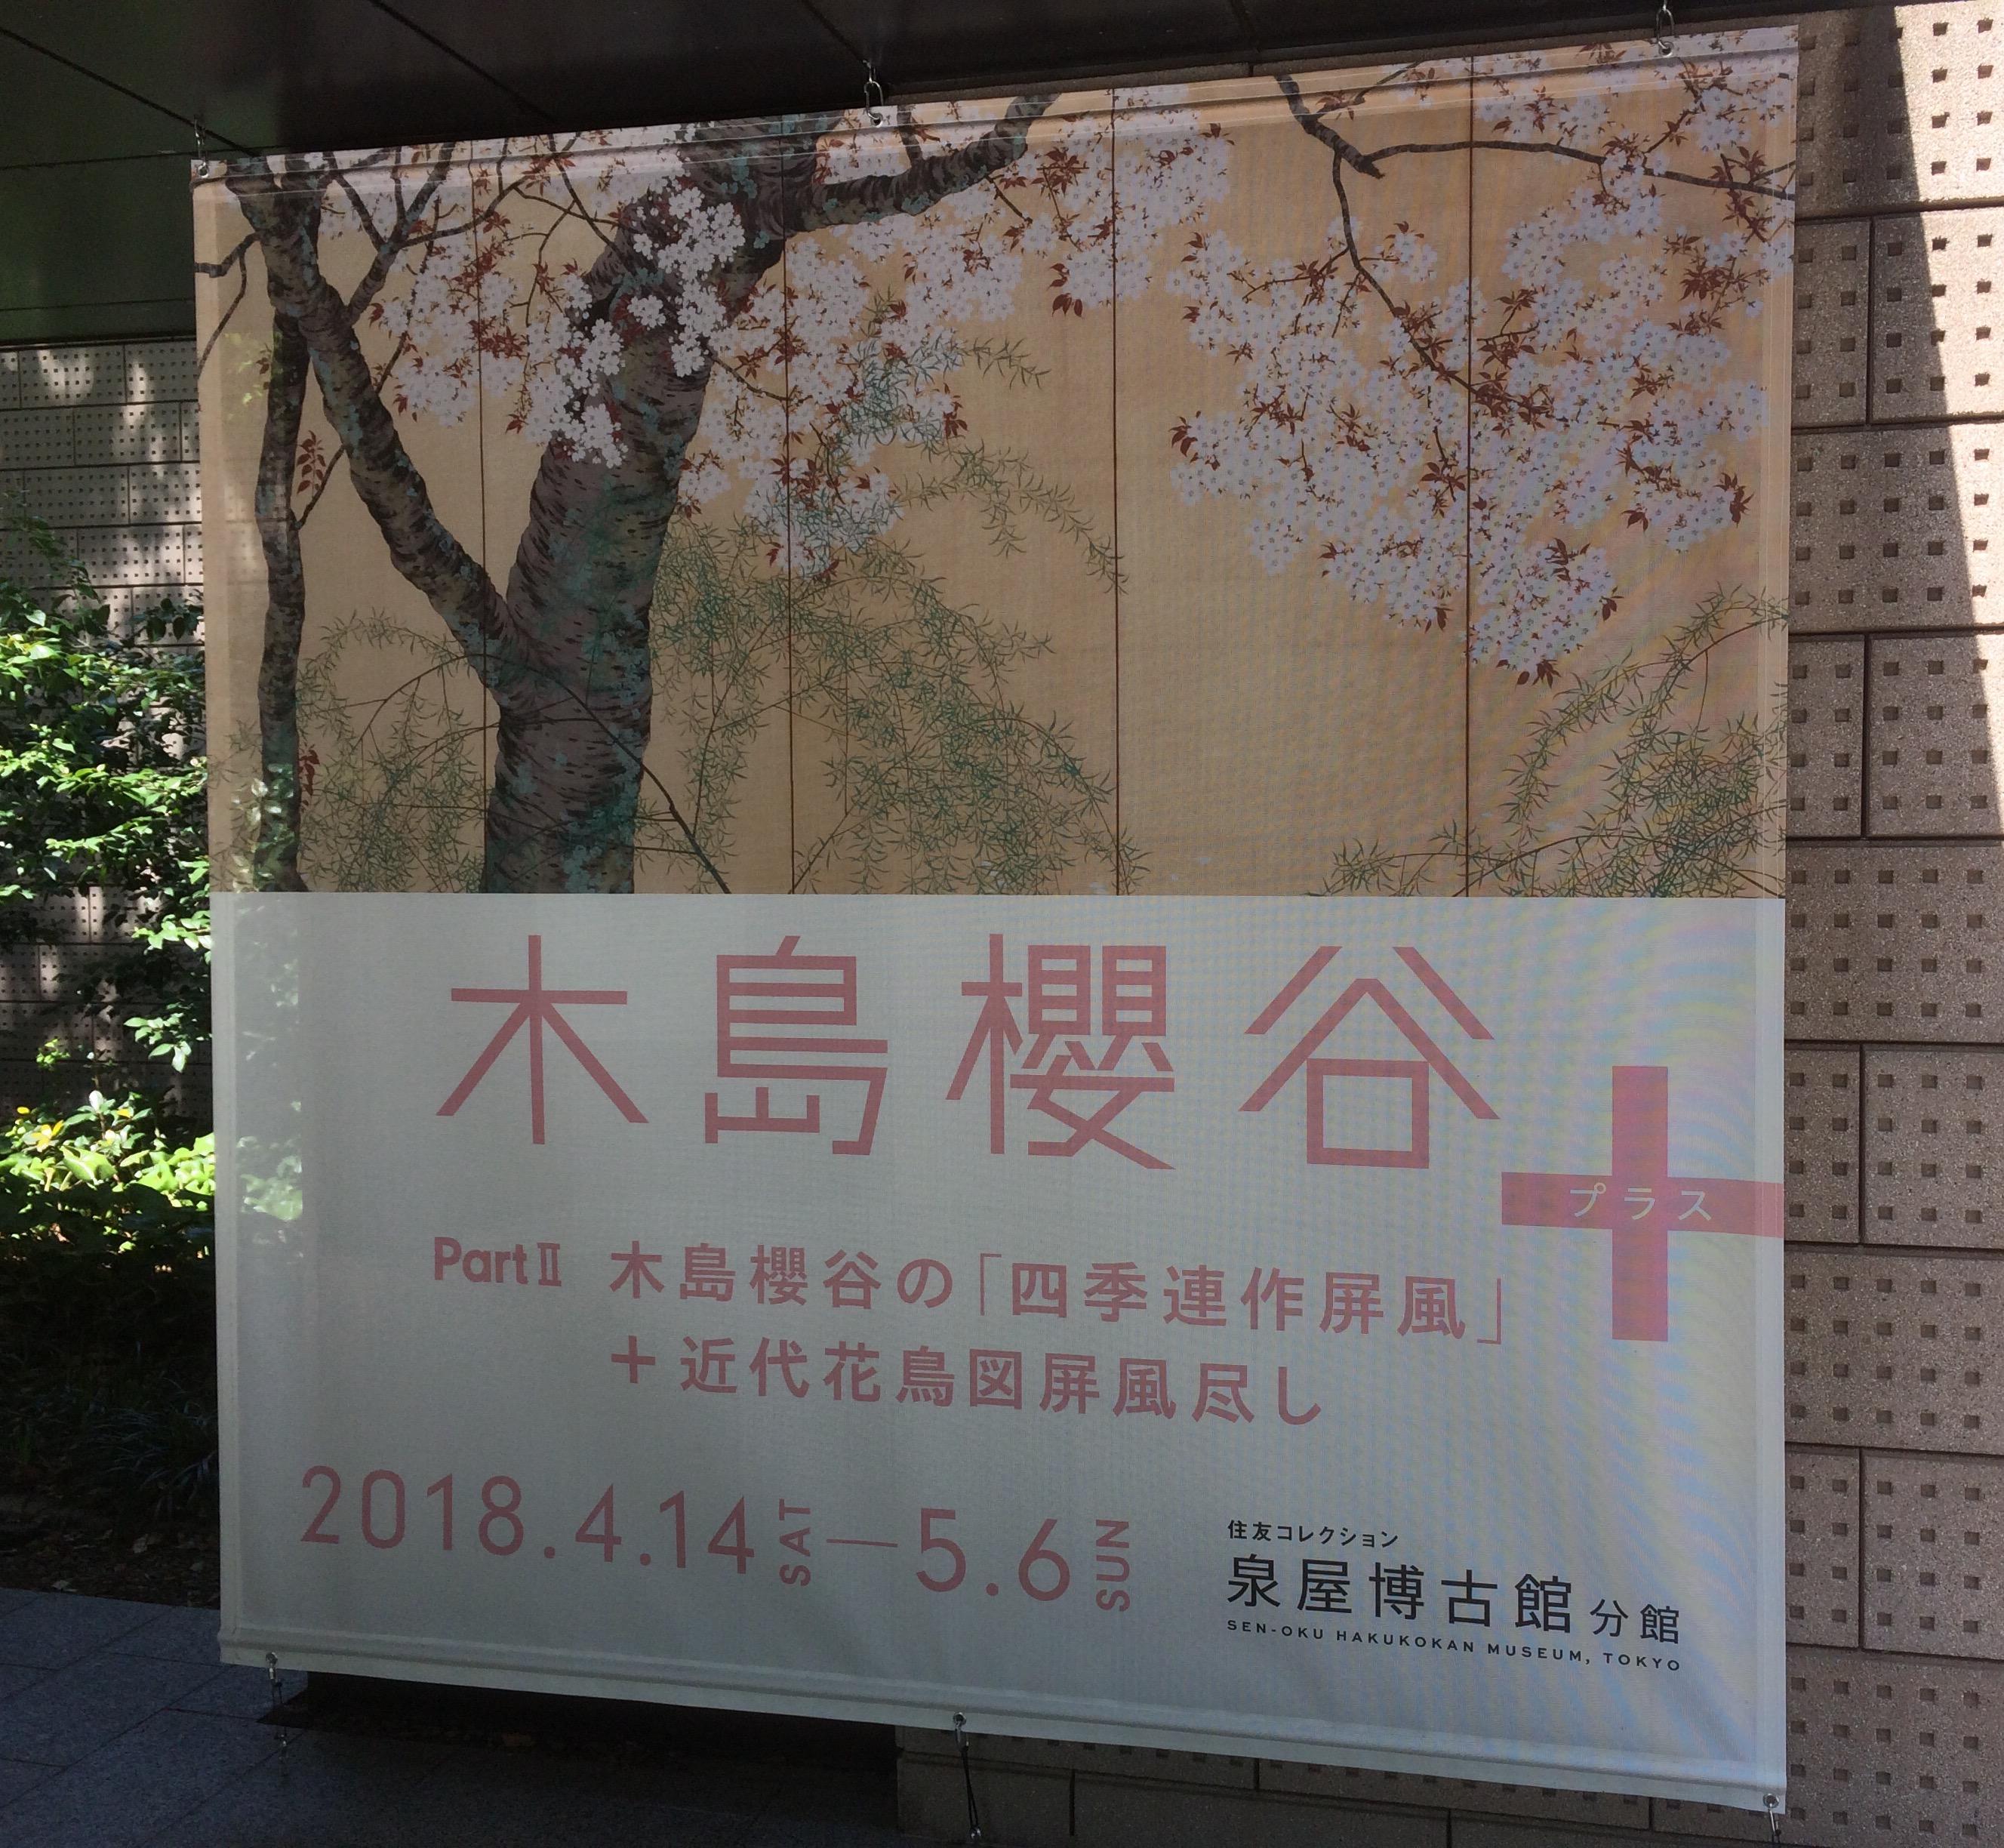 木島櫻谷PartⅡ